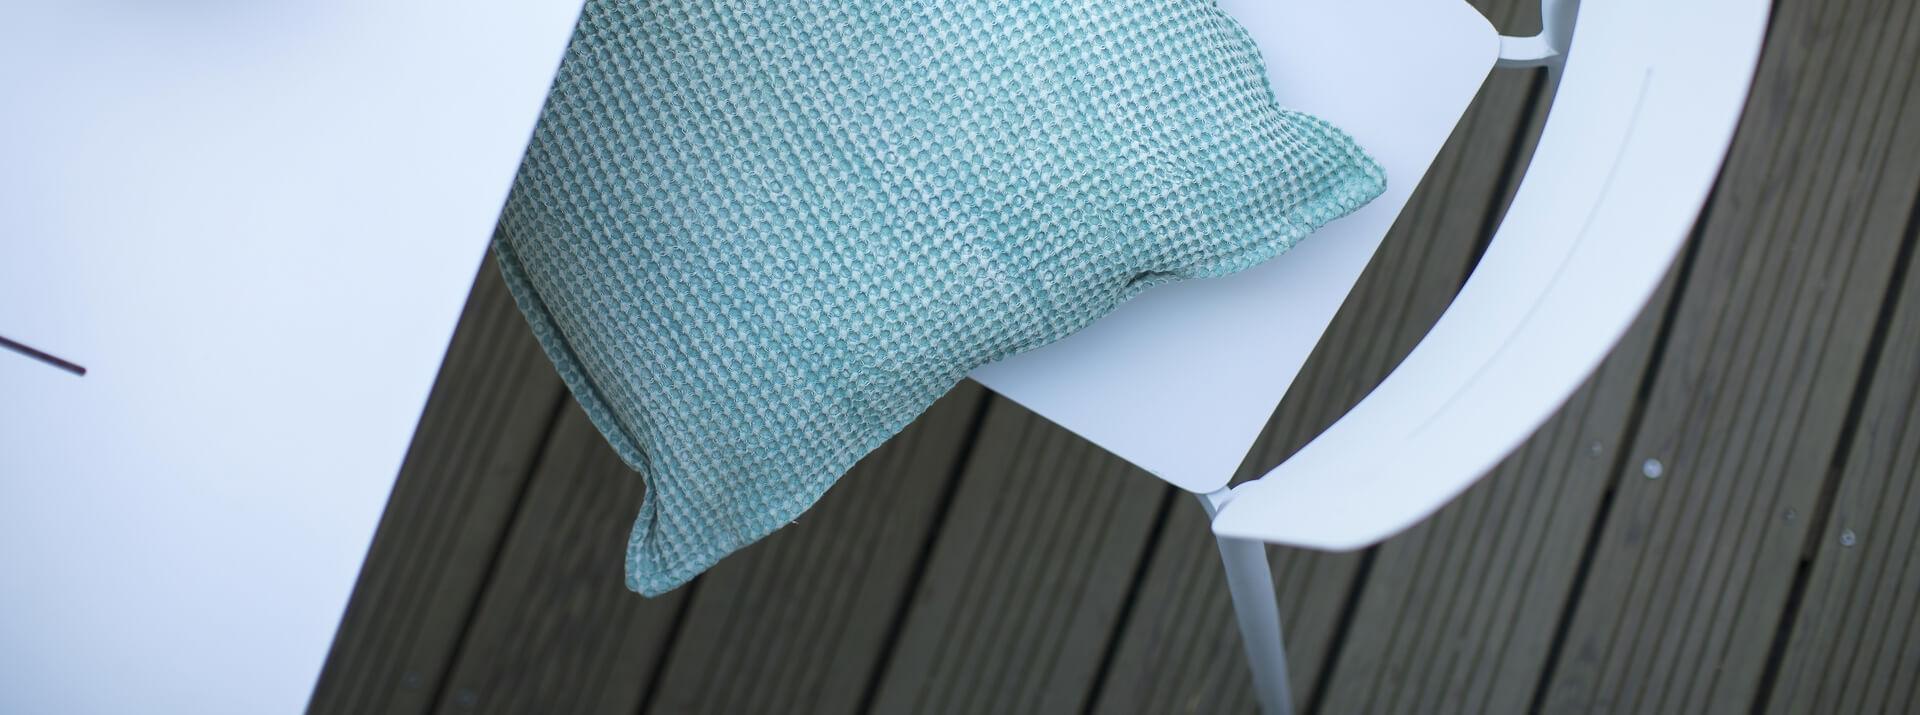 Coussins de chaises de jardin